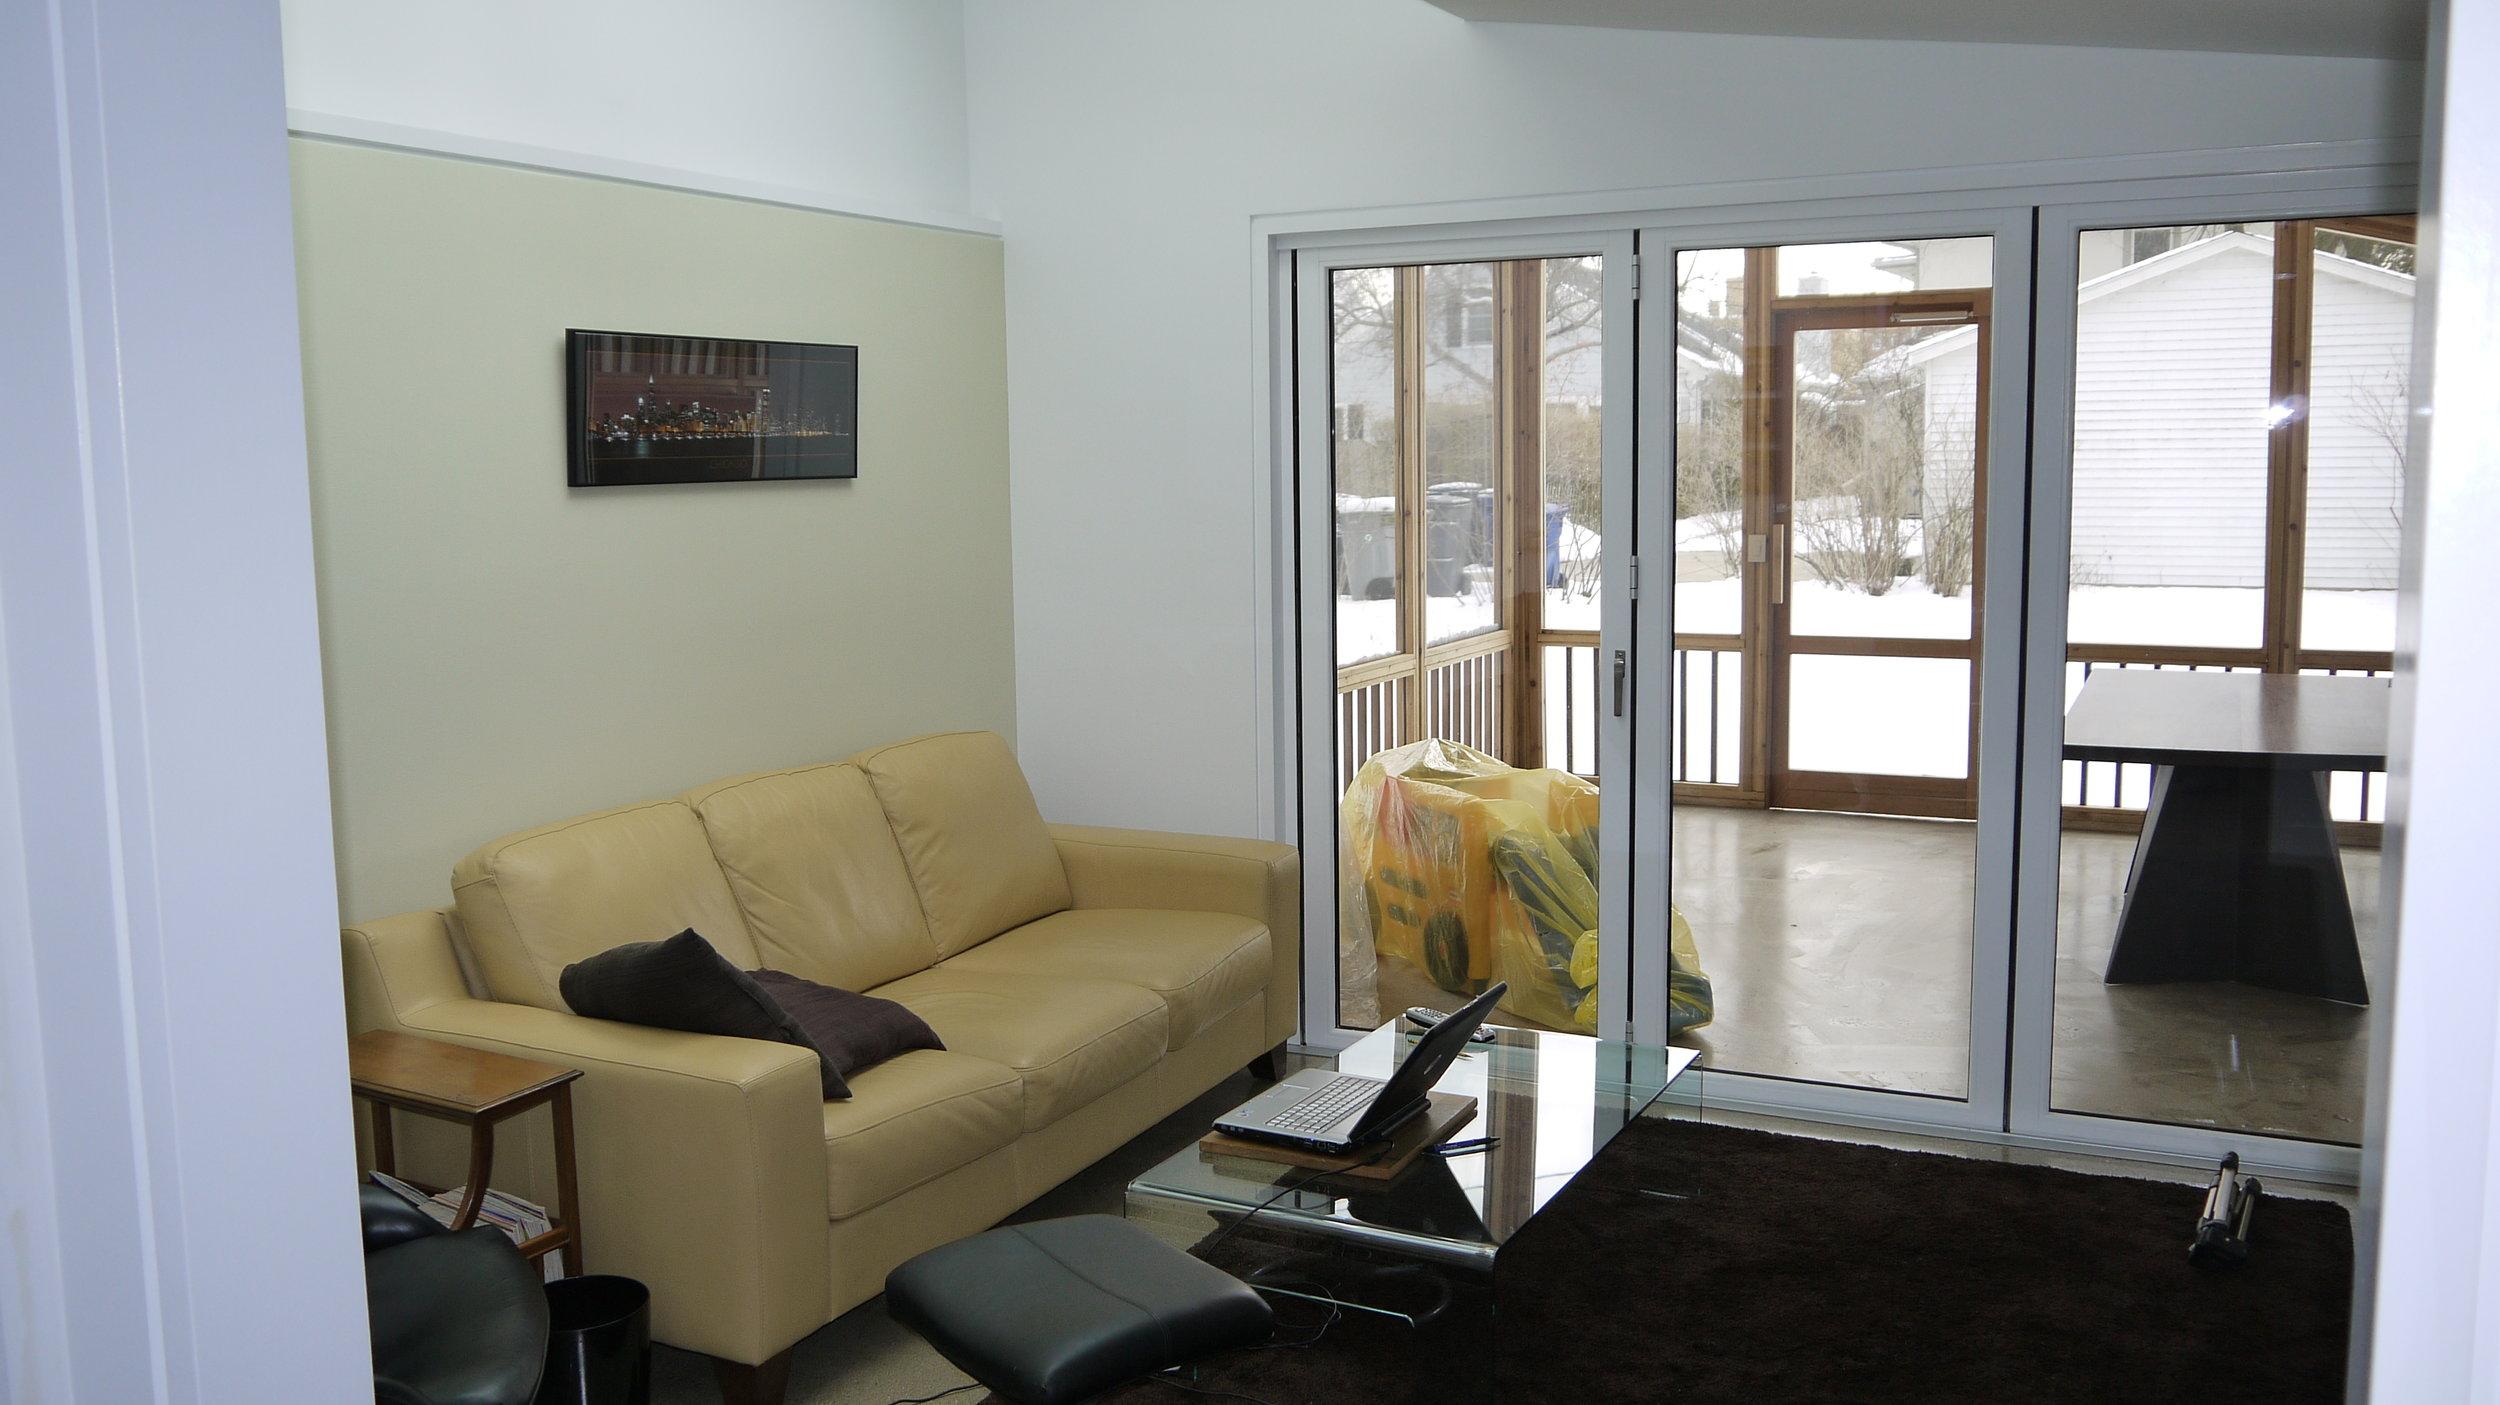 Livingston_Street_Residence_Interior_Family_Room.JPG